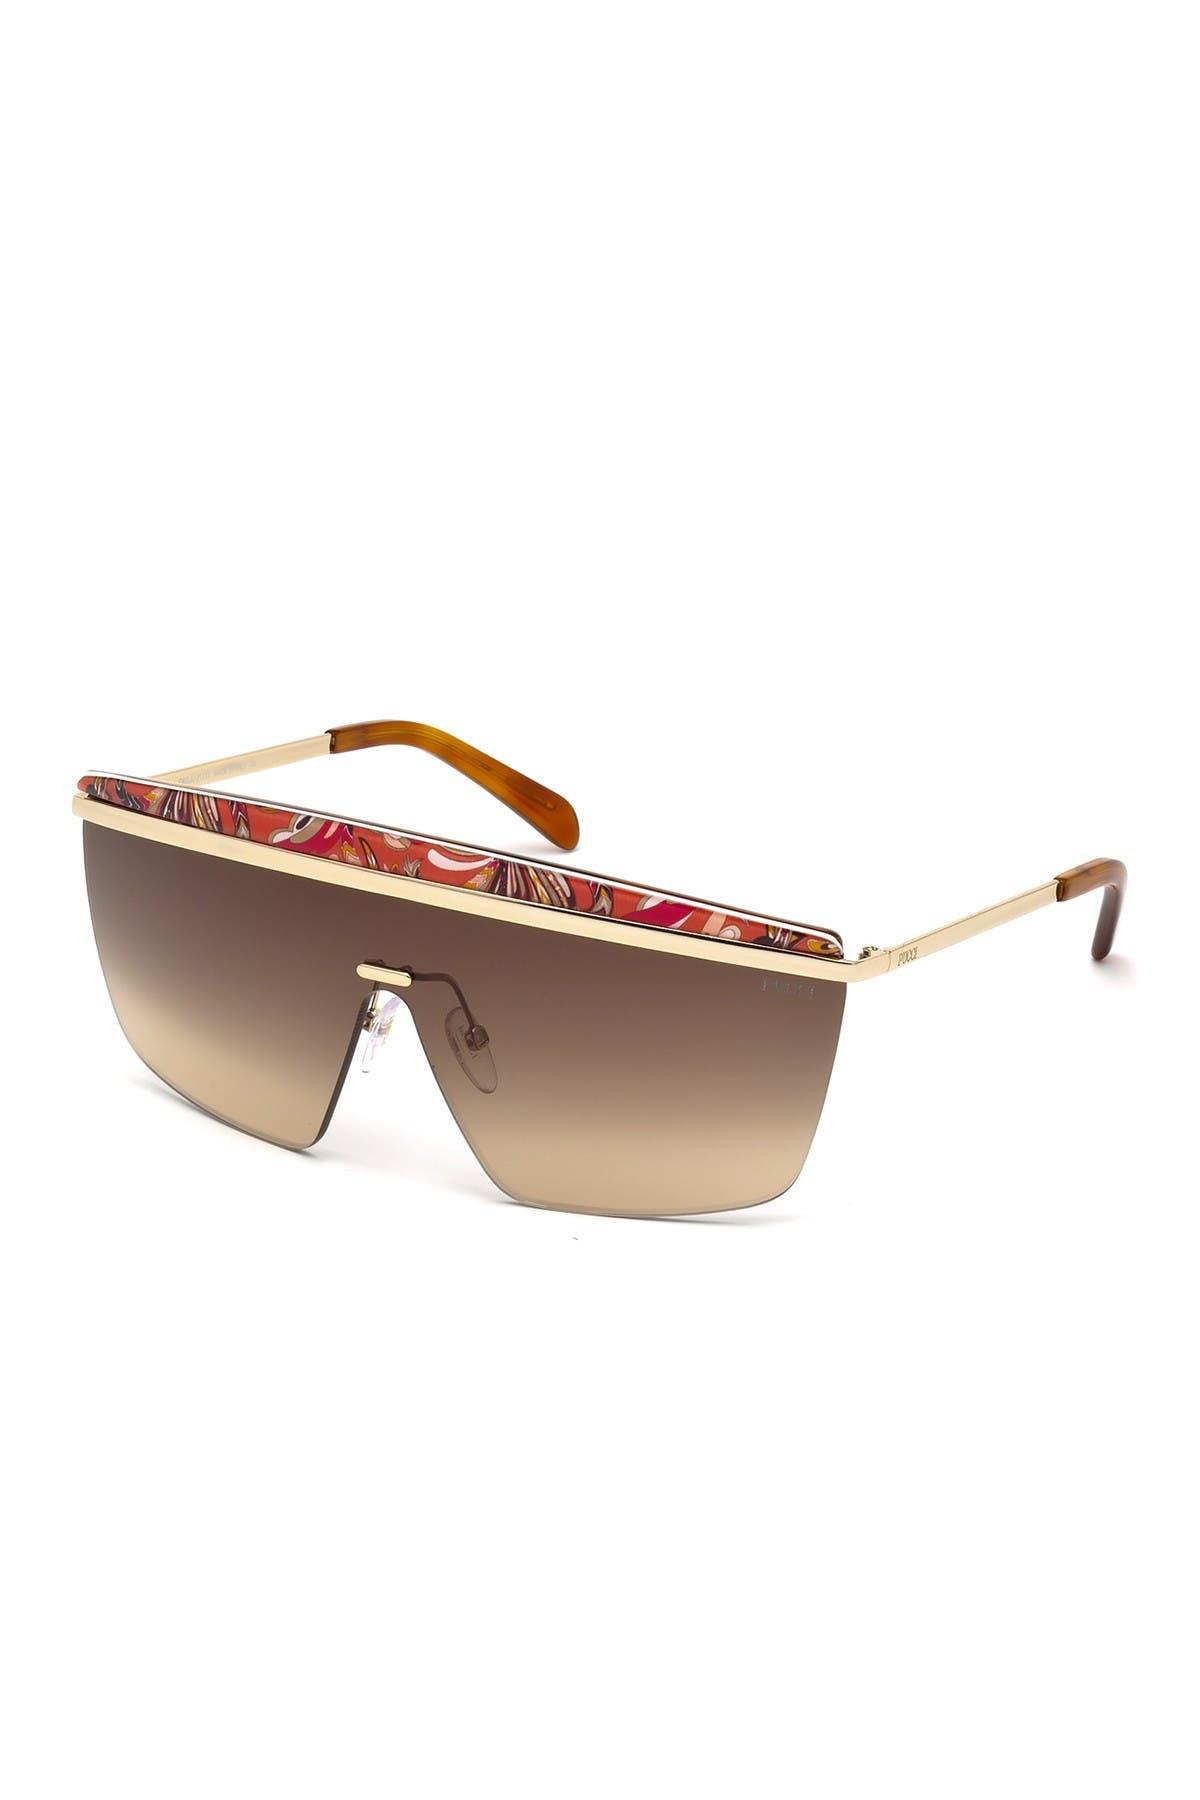 Image of Emilio Pucci 56mm Squared Shield Sunglasses